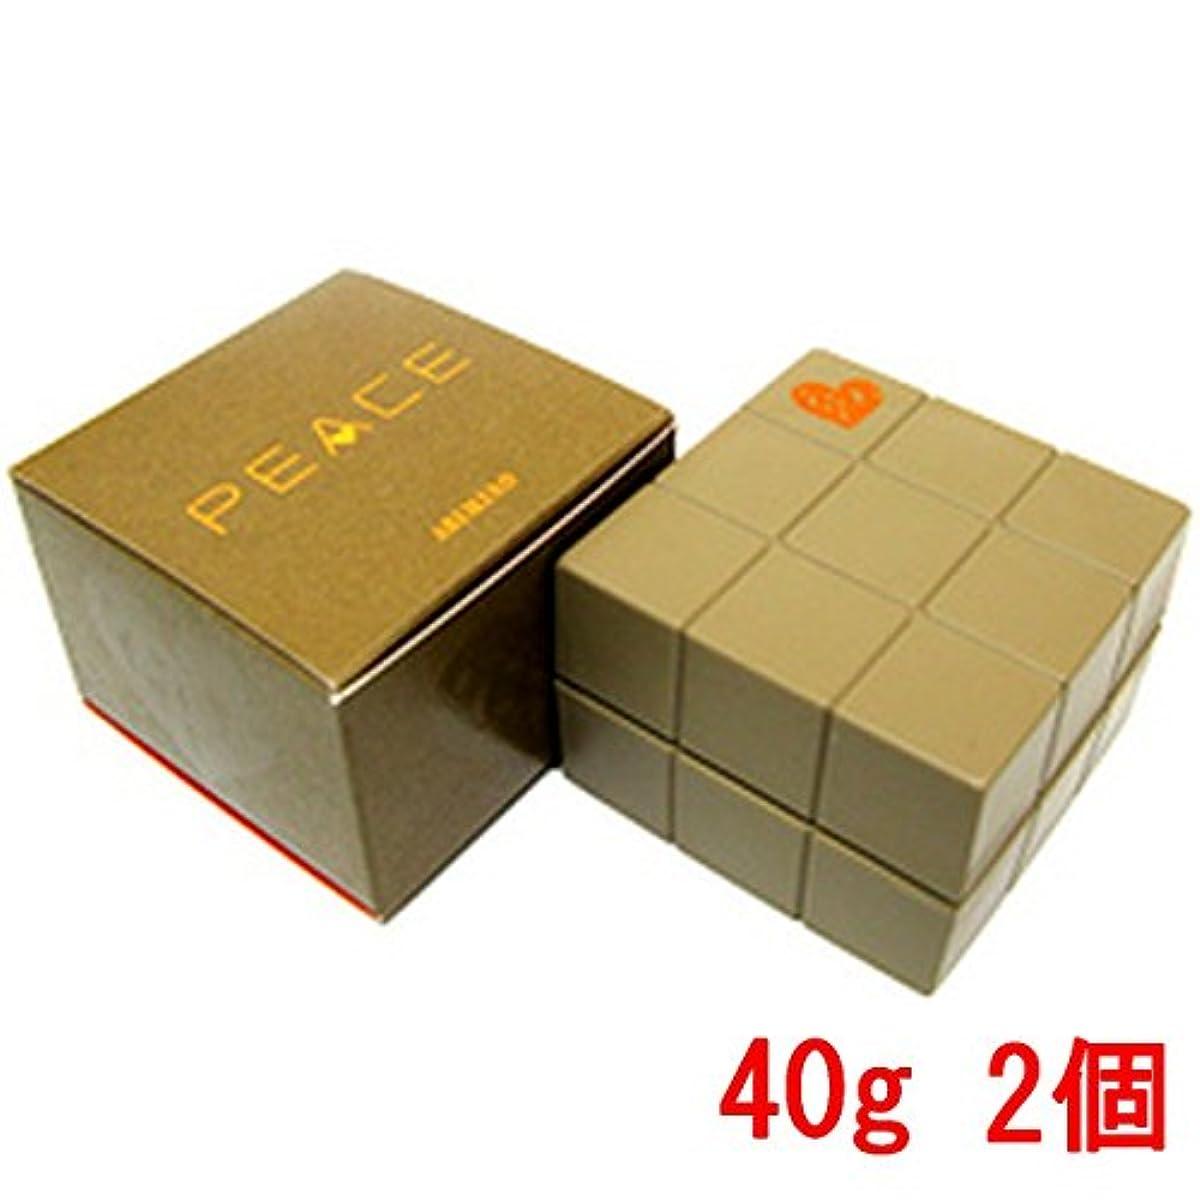 弾丸愛国的な圧力アリミノ ピース プロデザイン ソフトワックス40g ×2個 セット arimino PEACE